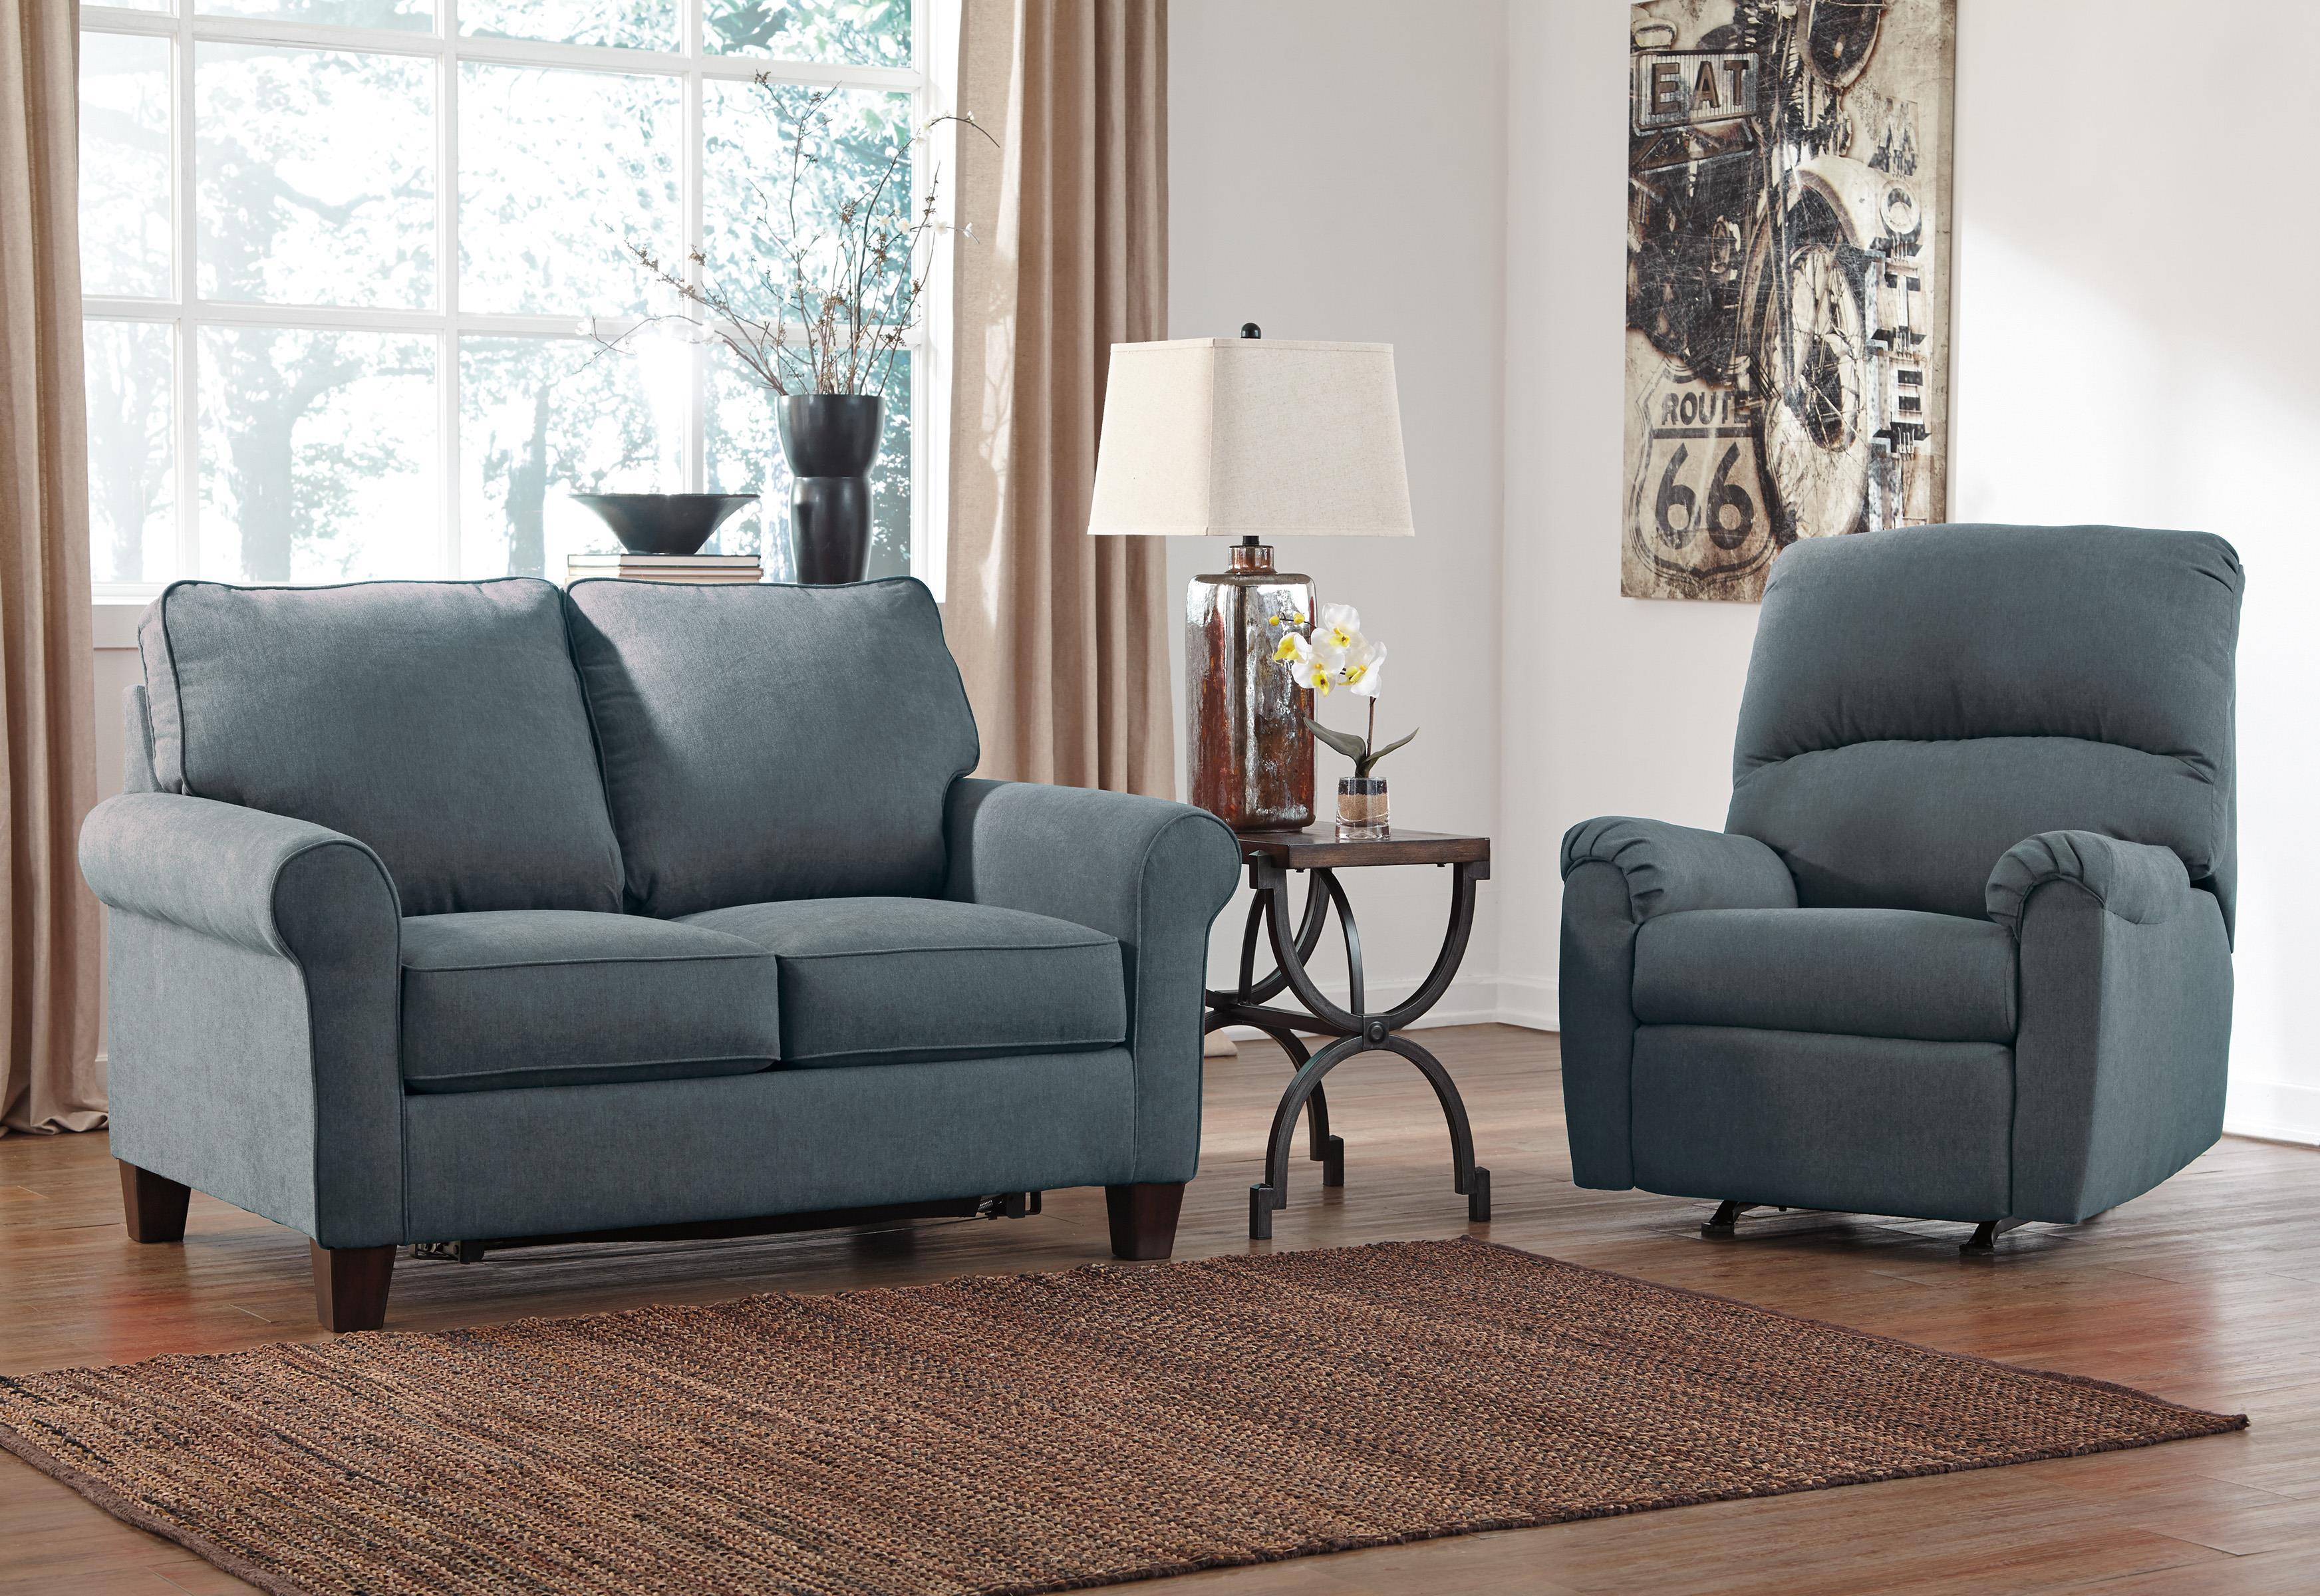 Signature Design by Ashley Zeth - Denim Stationary Living Room Group - Item Number: 27101 Living Room Group 2